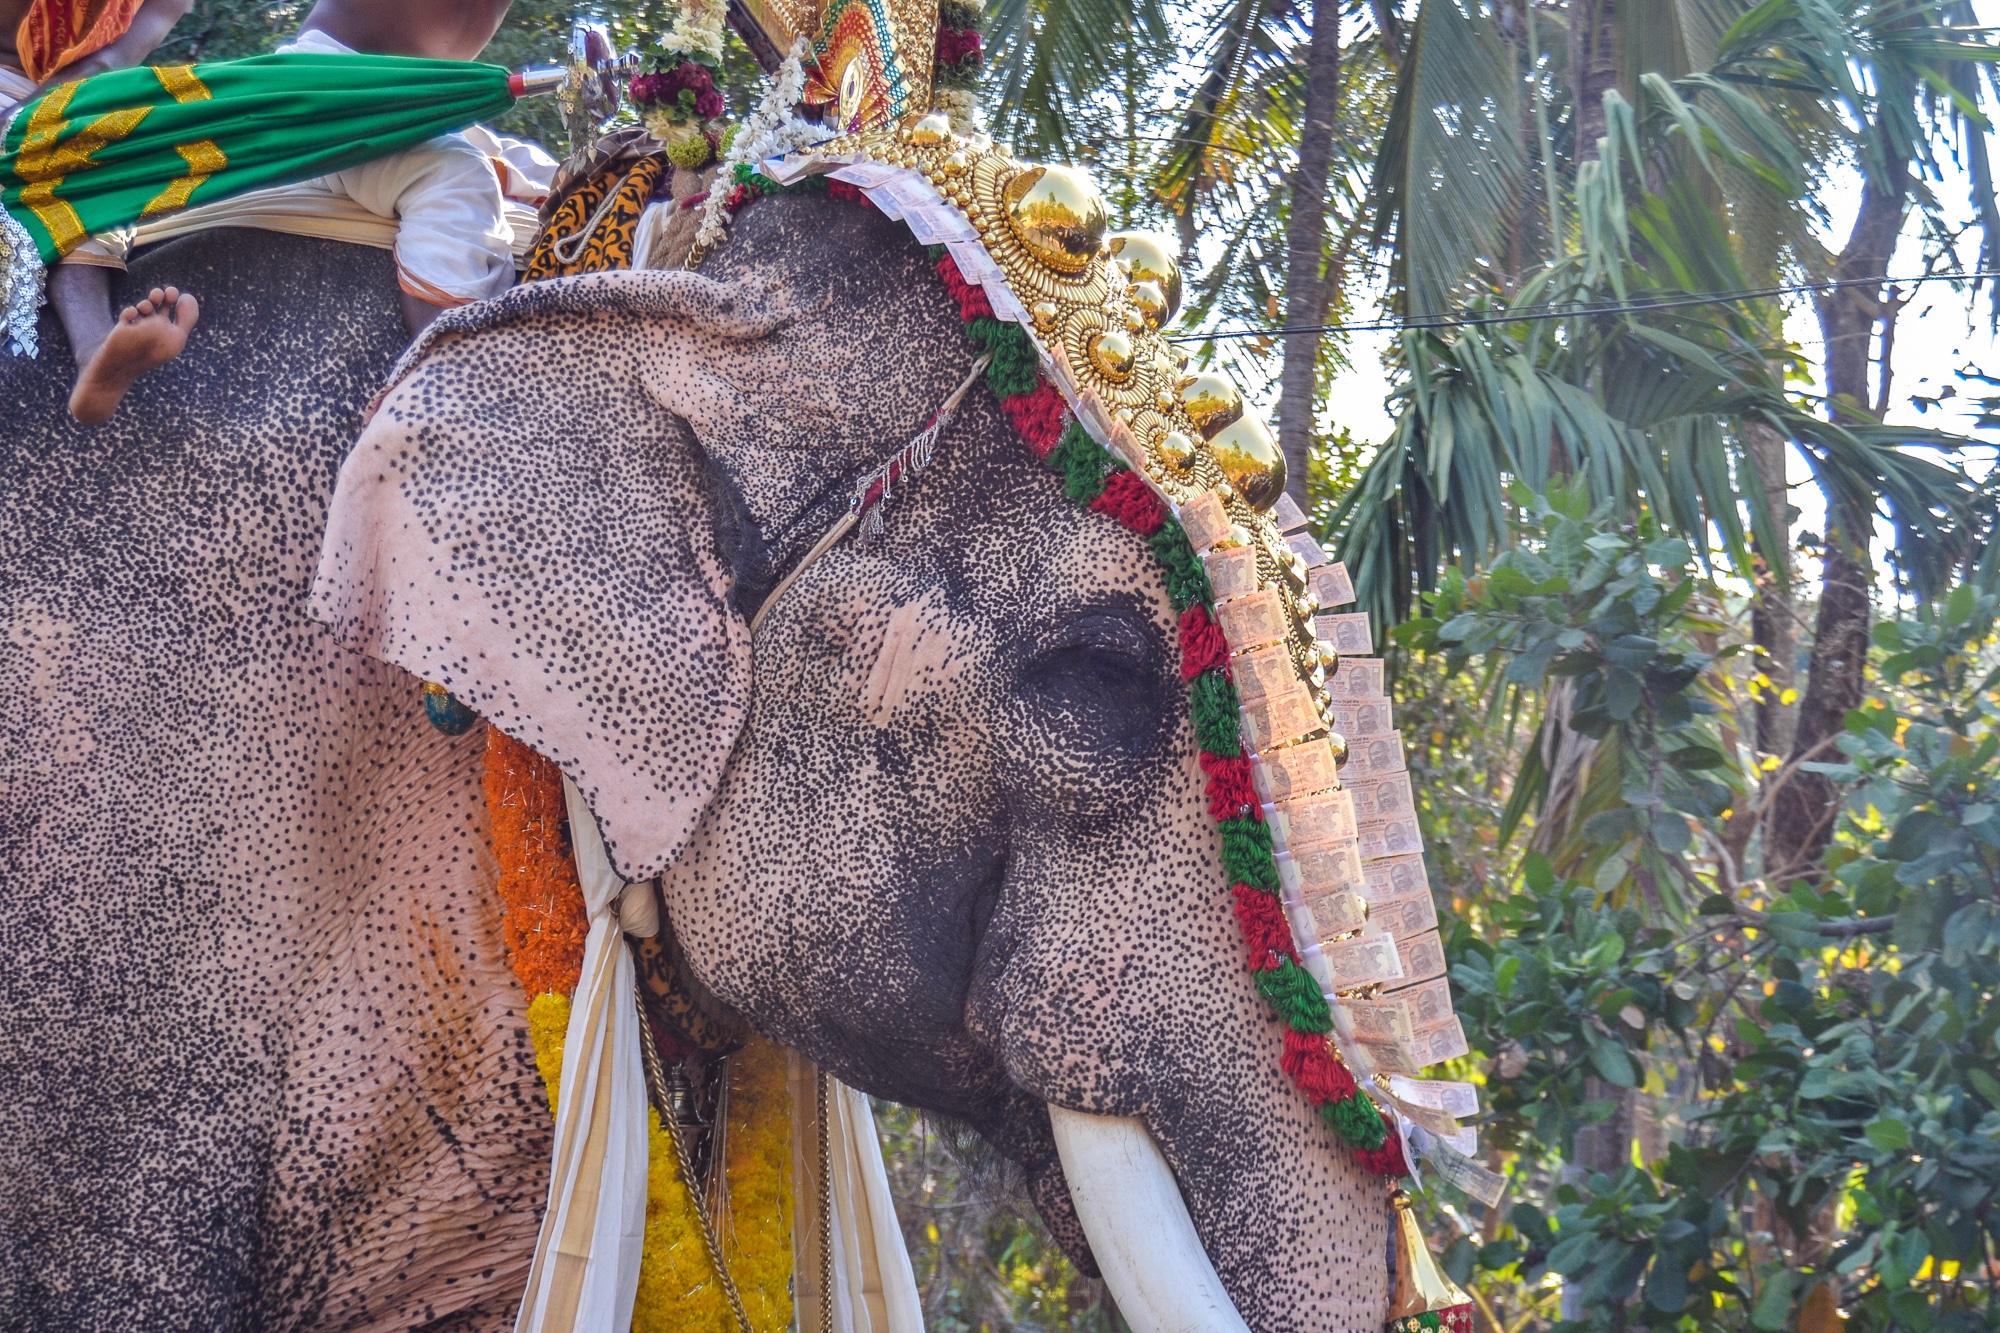 Kerala: Sehenswürdigkeiten, Kultur und Kulinarik im südlichen Indien - Elefant bei Tempel Prozession